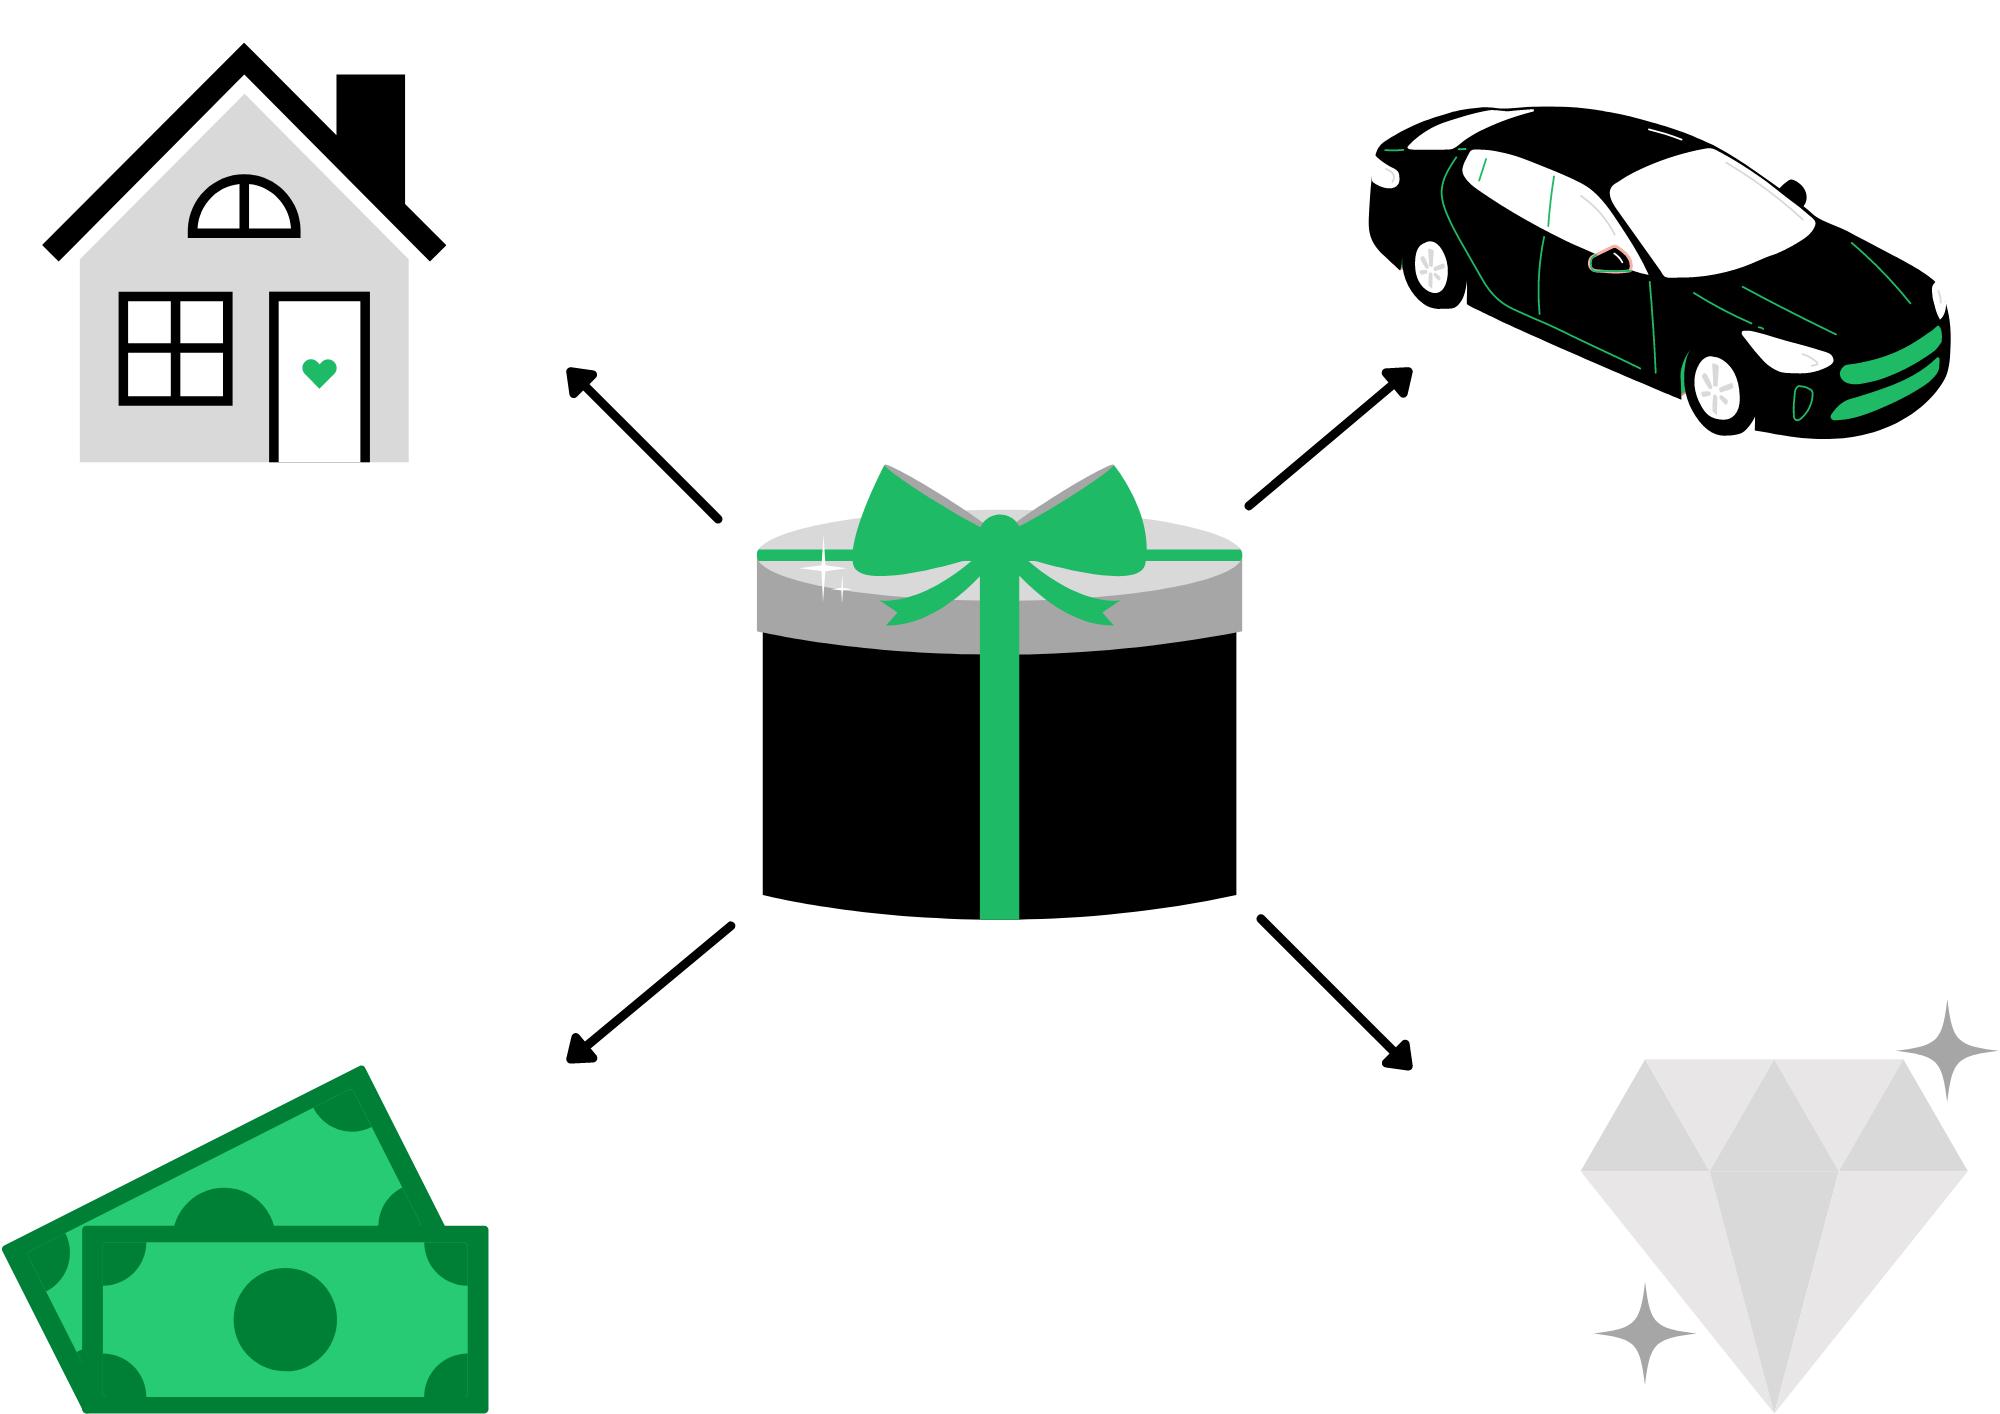 ugovor o poklonu, Ugovor o poklonu nepokretnosti, ugovor o poklonu novca, ugovor o poklonu automobila